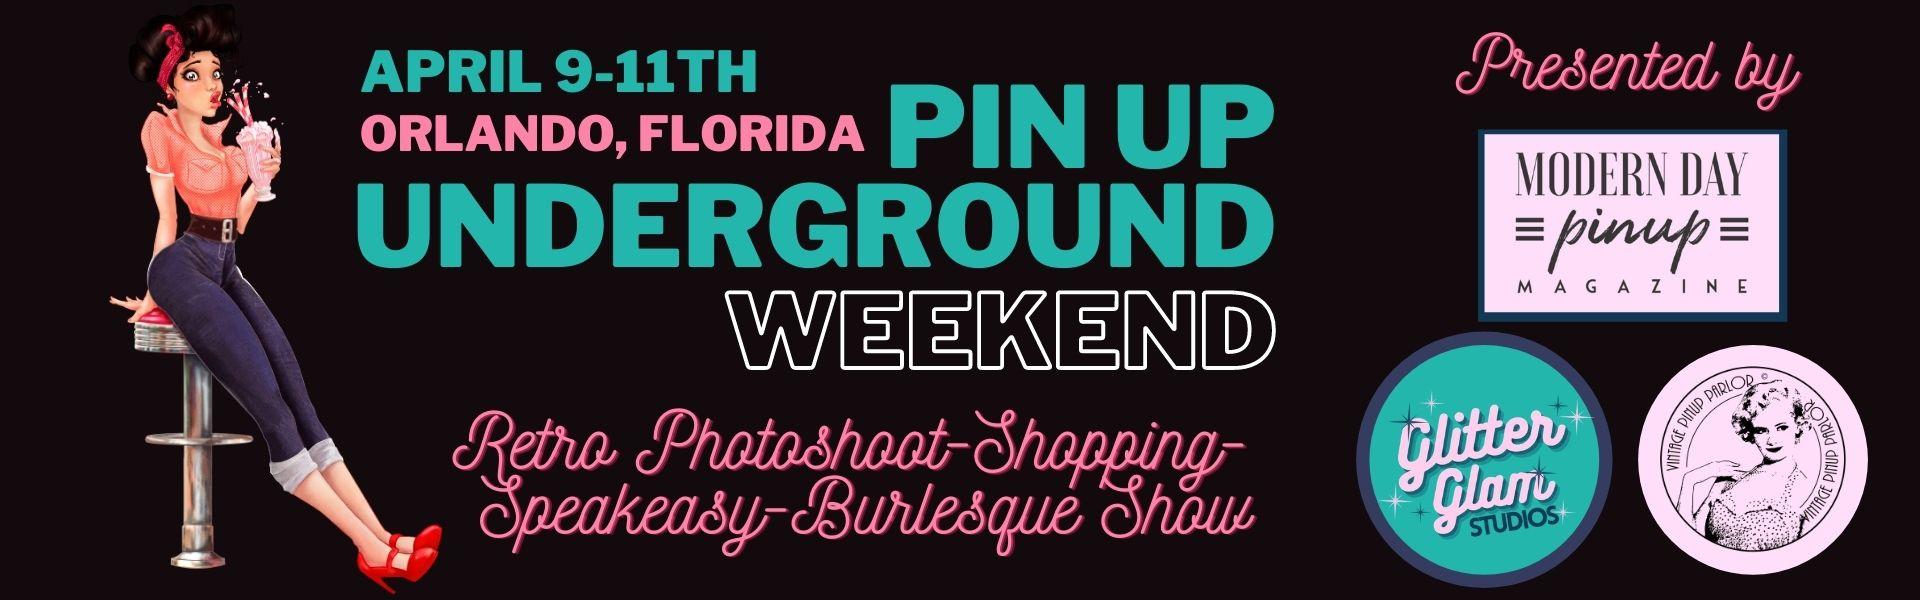 Pin Up Underground Weekend